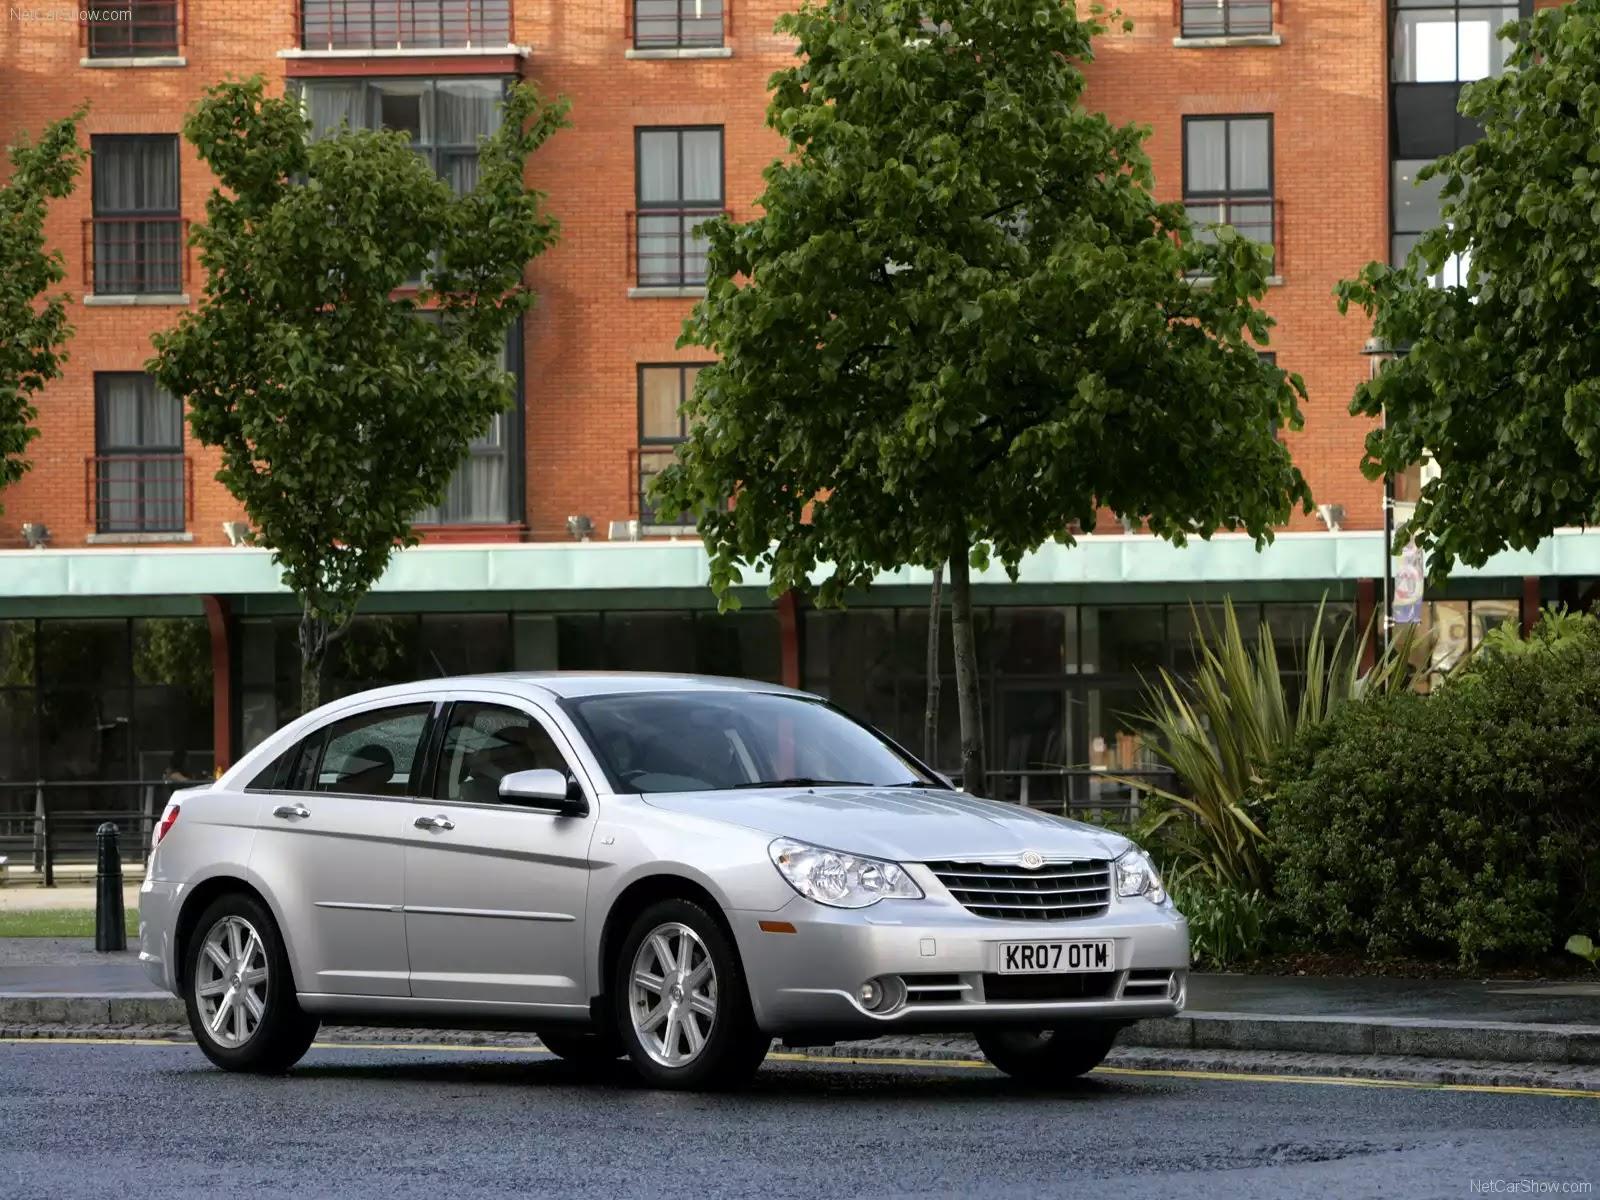 Hình ảnh xe ô tô Chrysler Sebring UK Version 2007 & nội ngoại thất